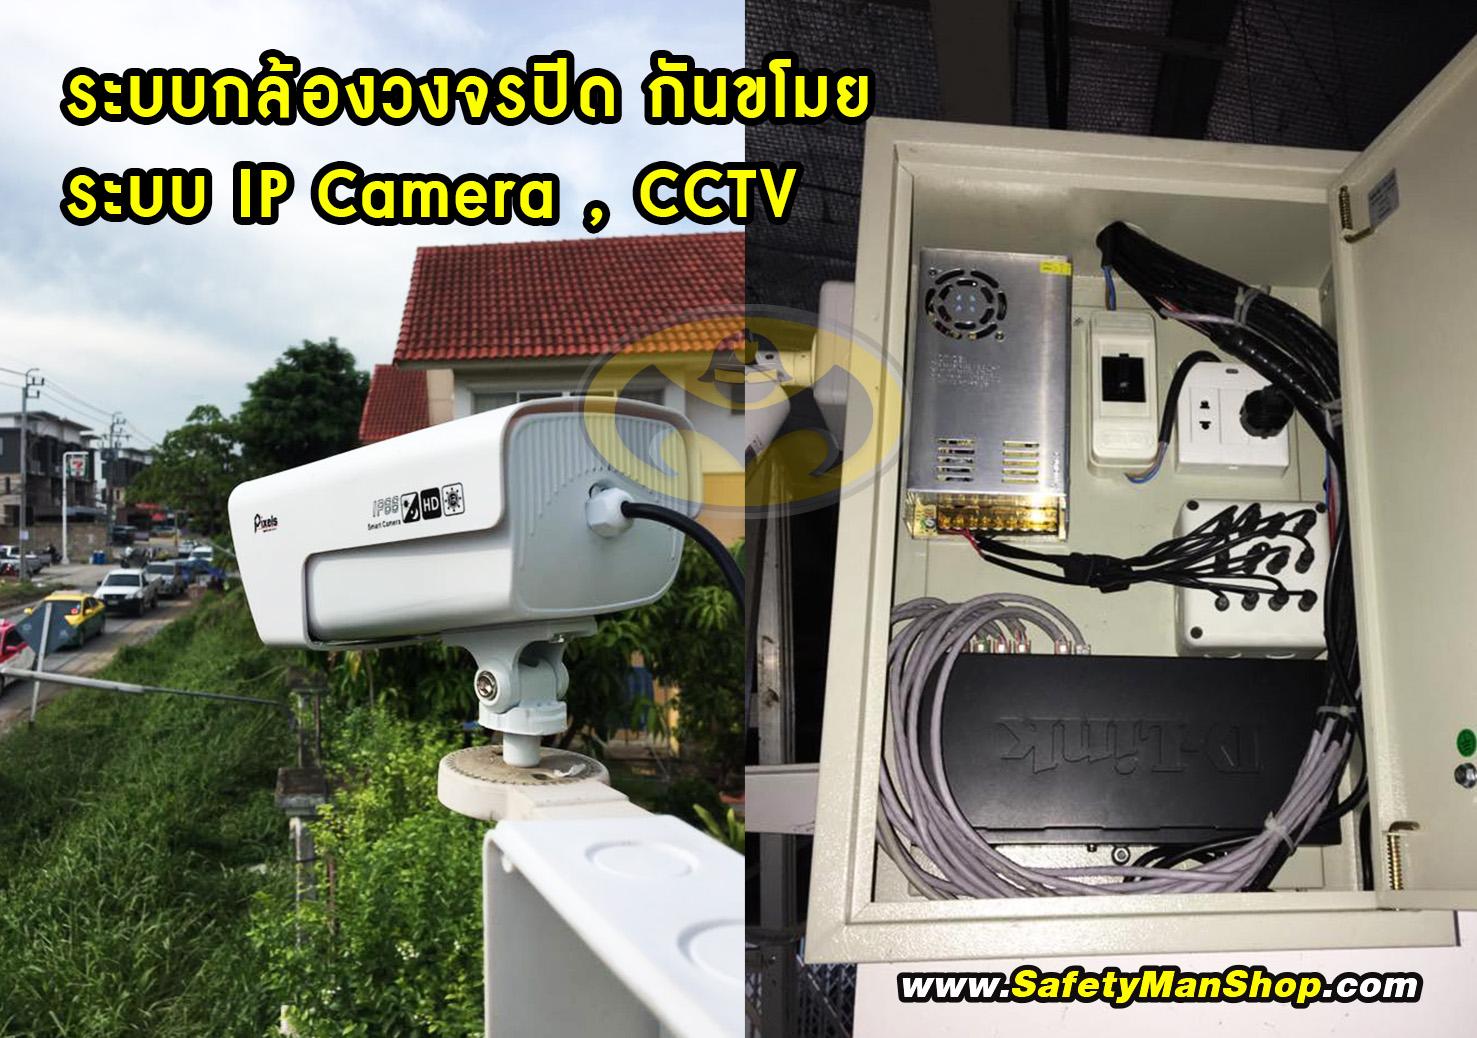 กล้องวงจรปิด ดิจิตอล ip camera กันขโมย สแกนนิ้ว